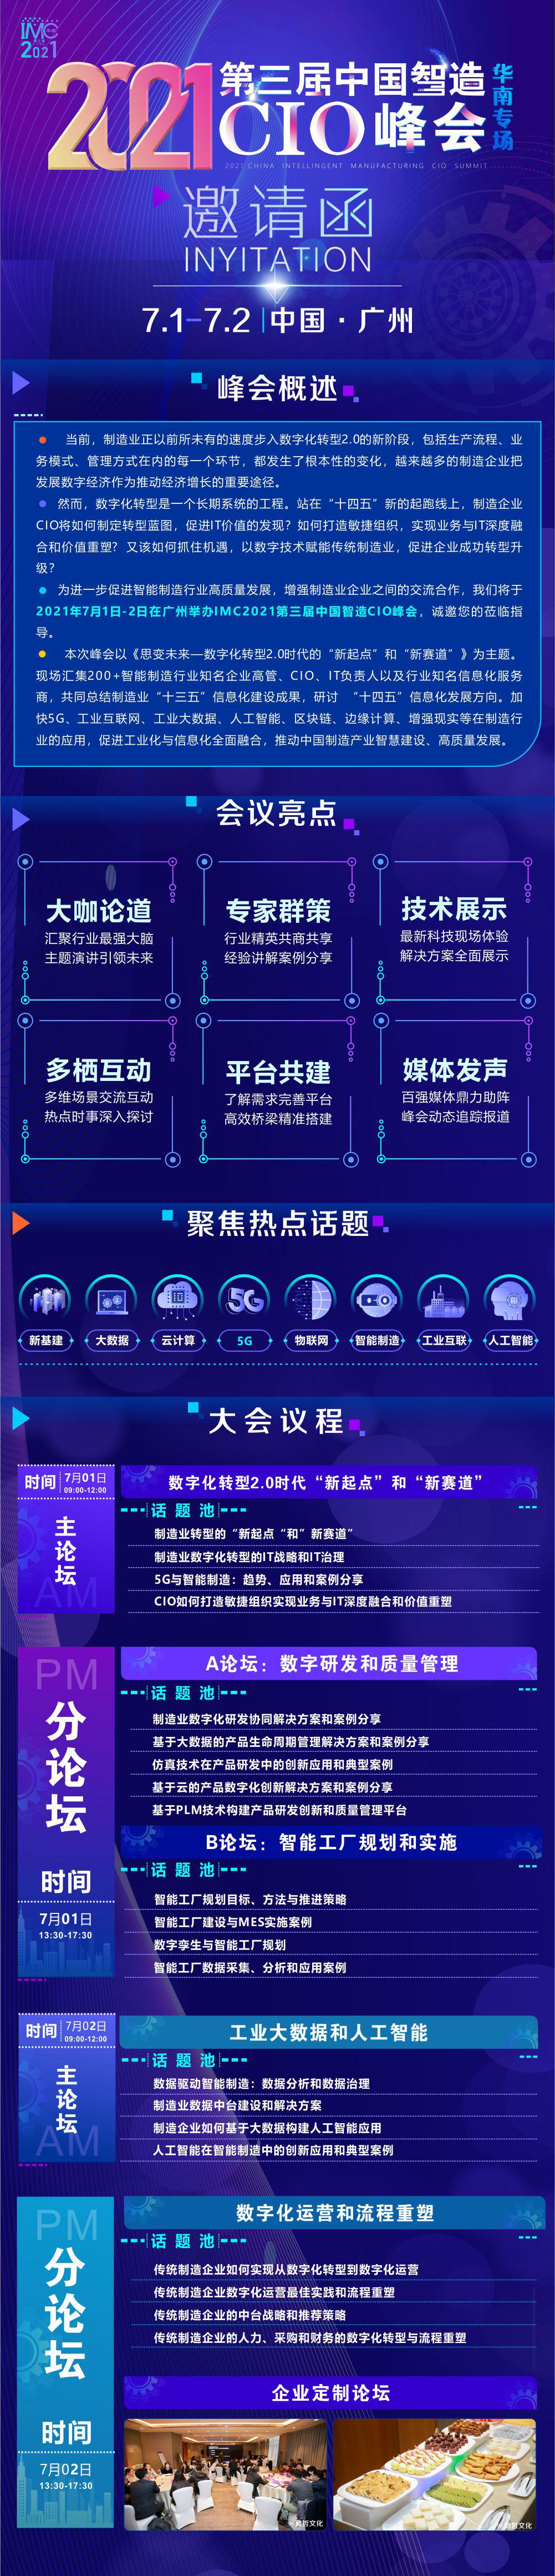 IMC2021第三届中国智造CIO峰会制胜数字化转型2.0时代!